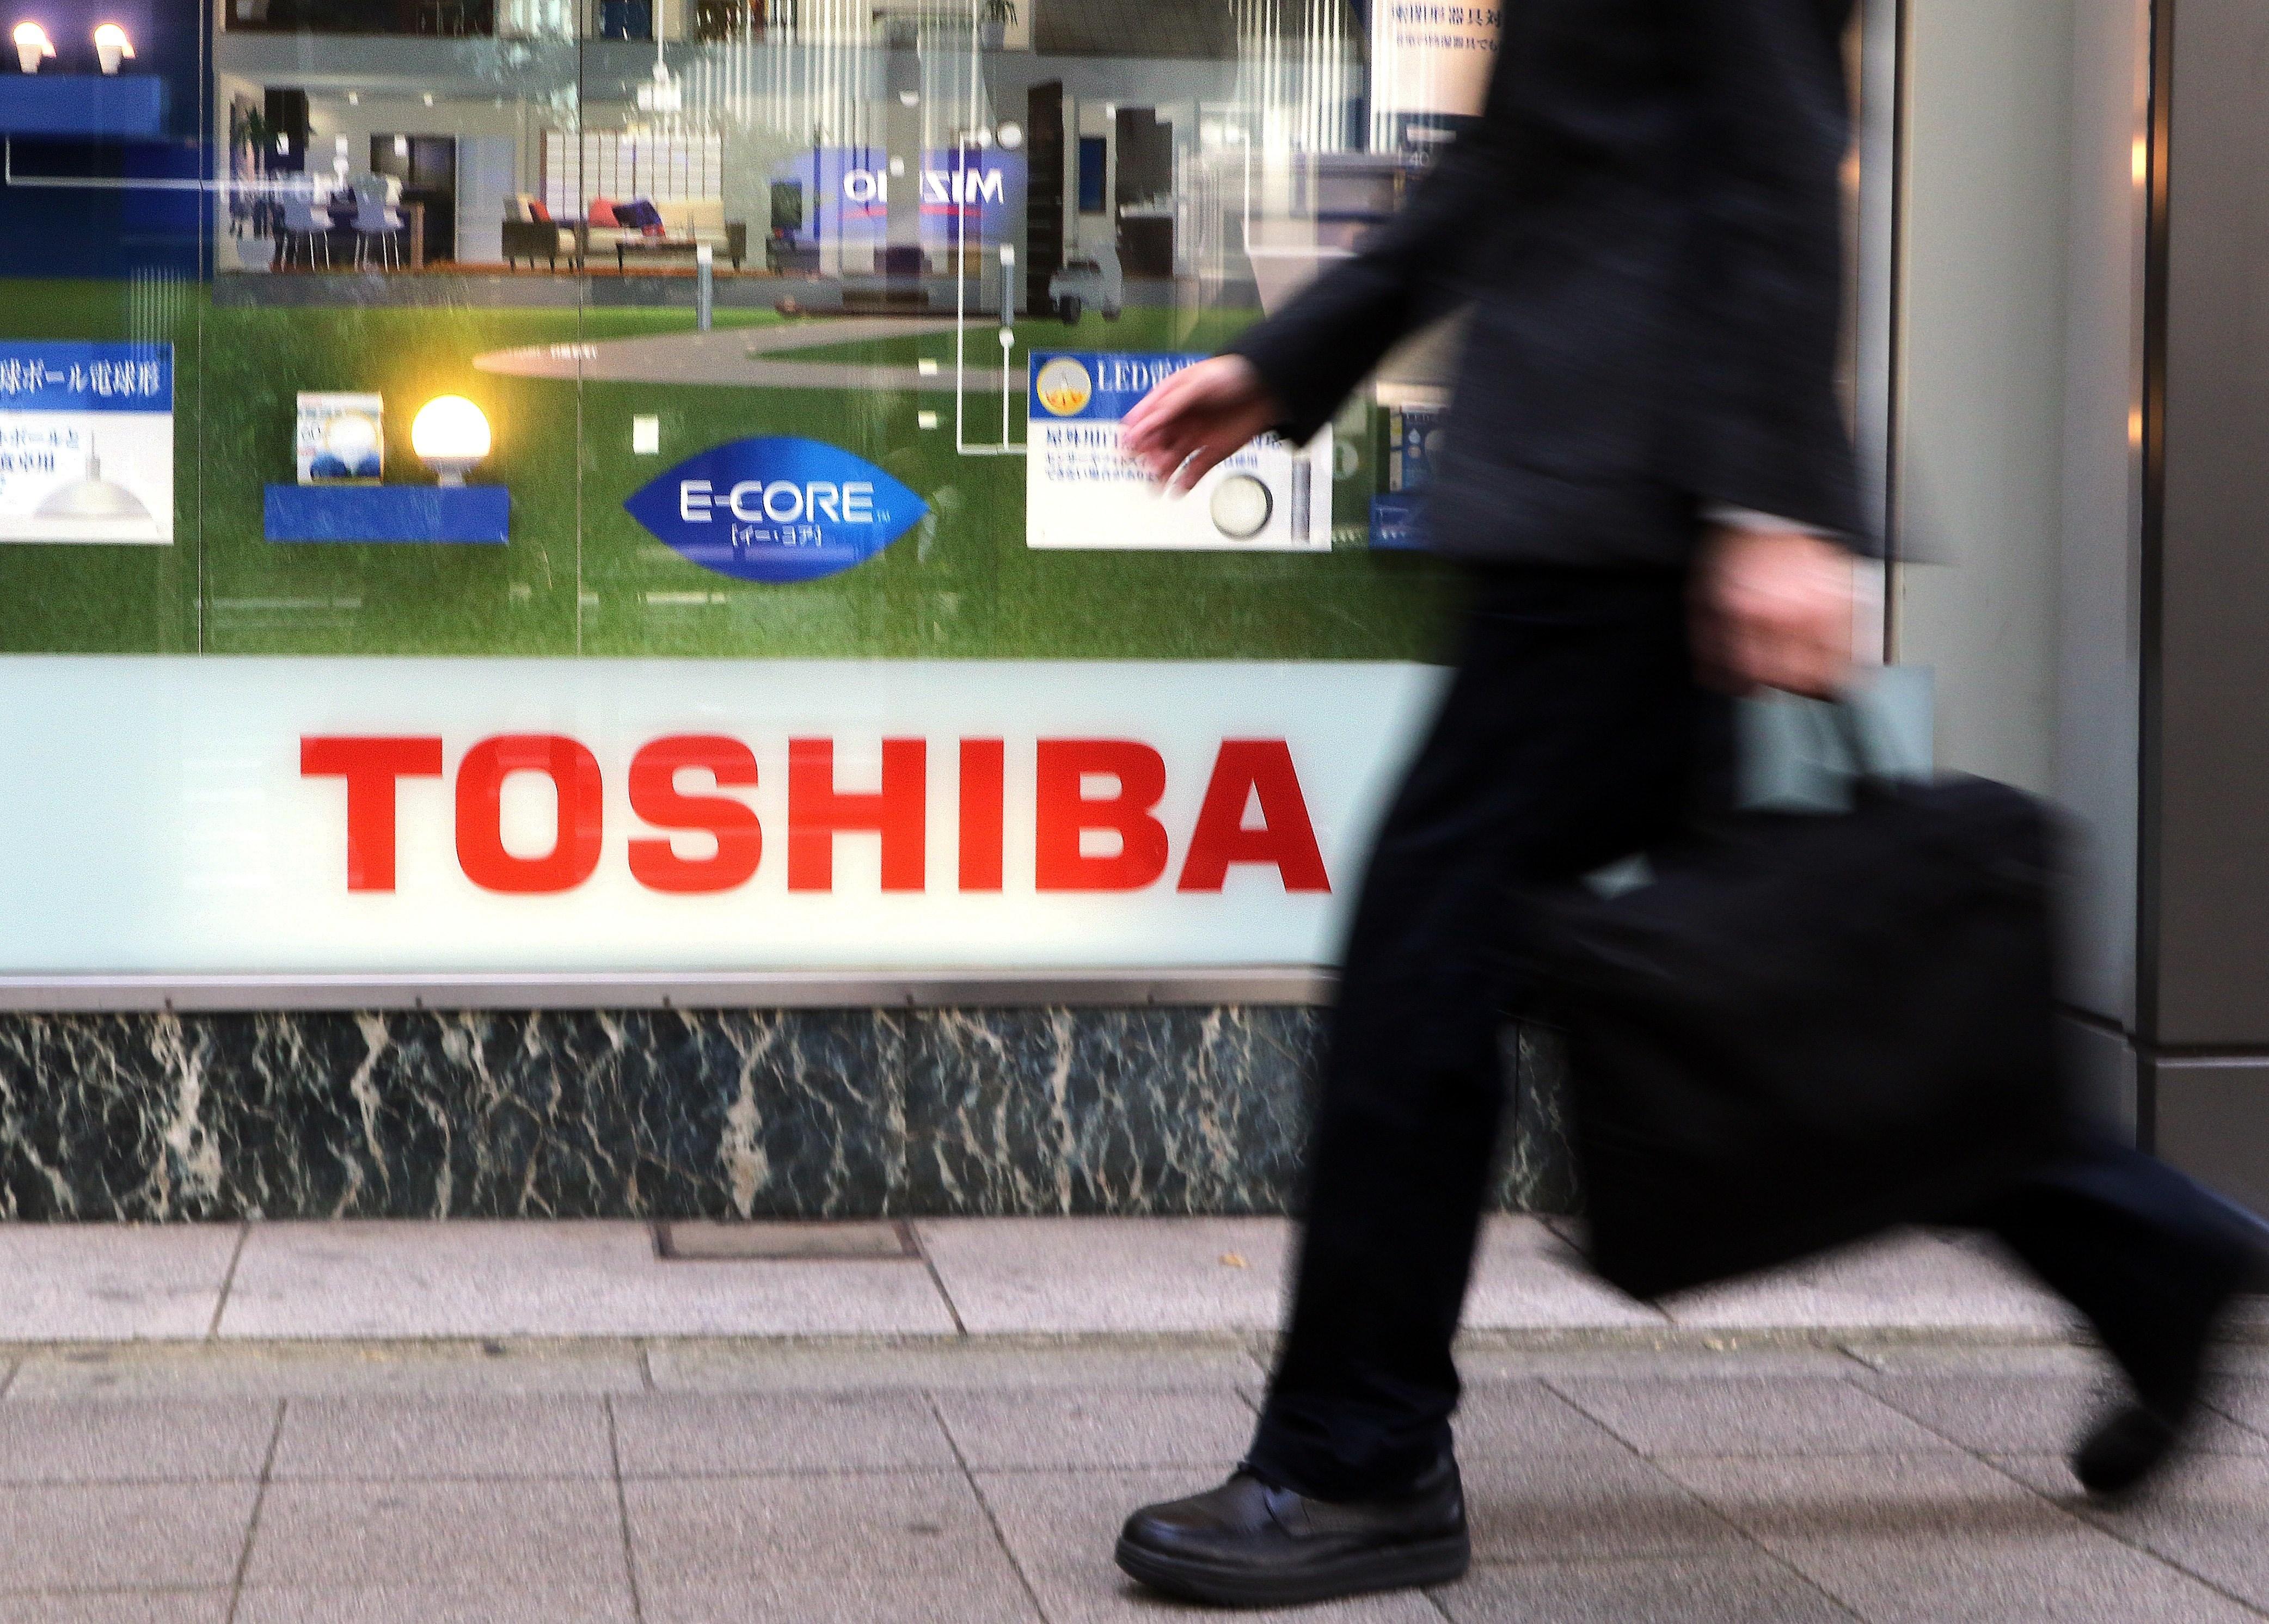 JAPAN-ELECTRONICS-TOSHIBA-EARNINGS